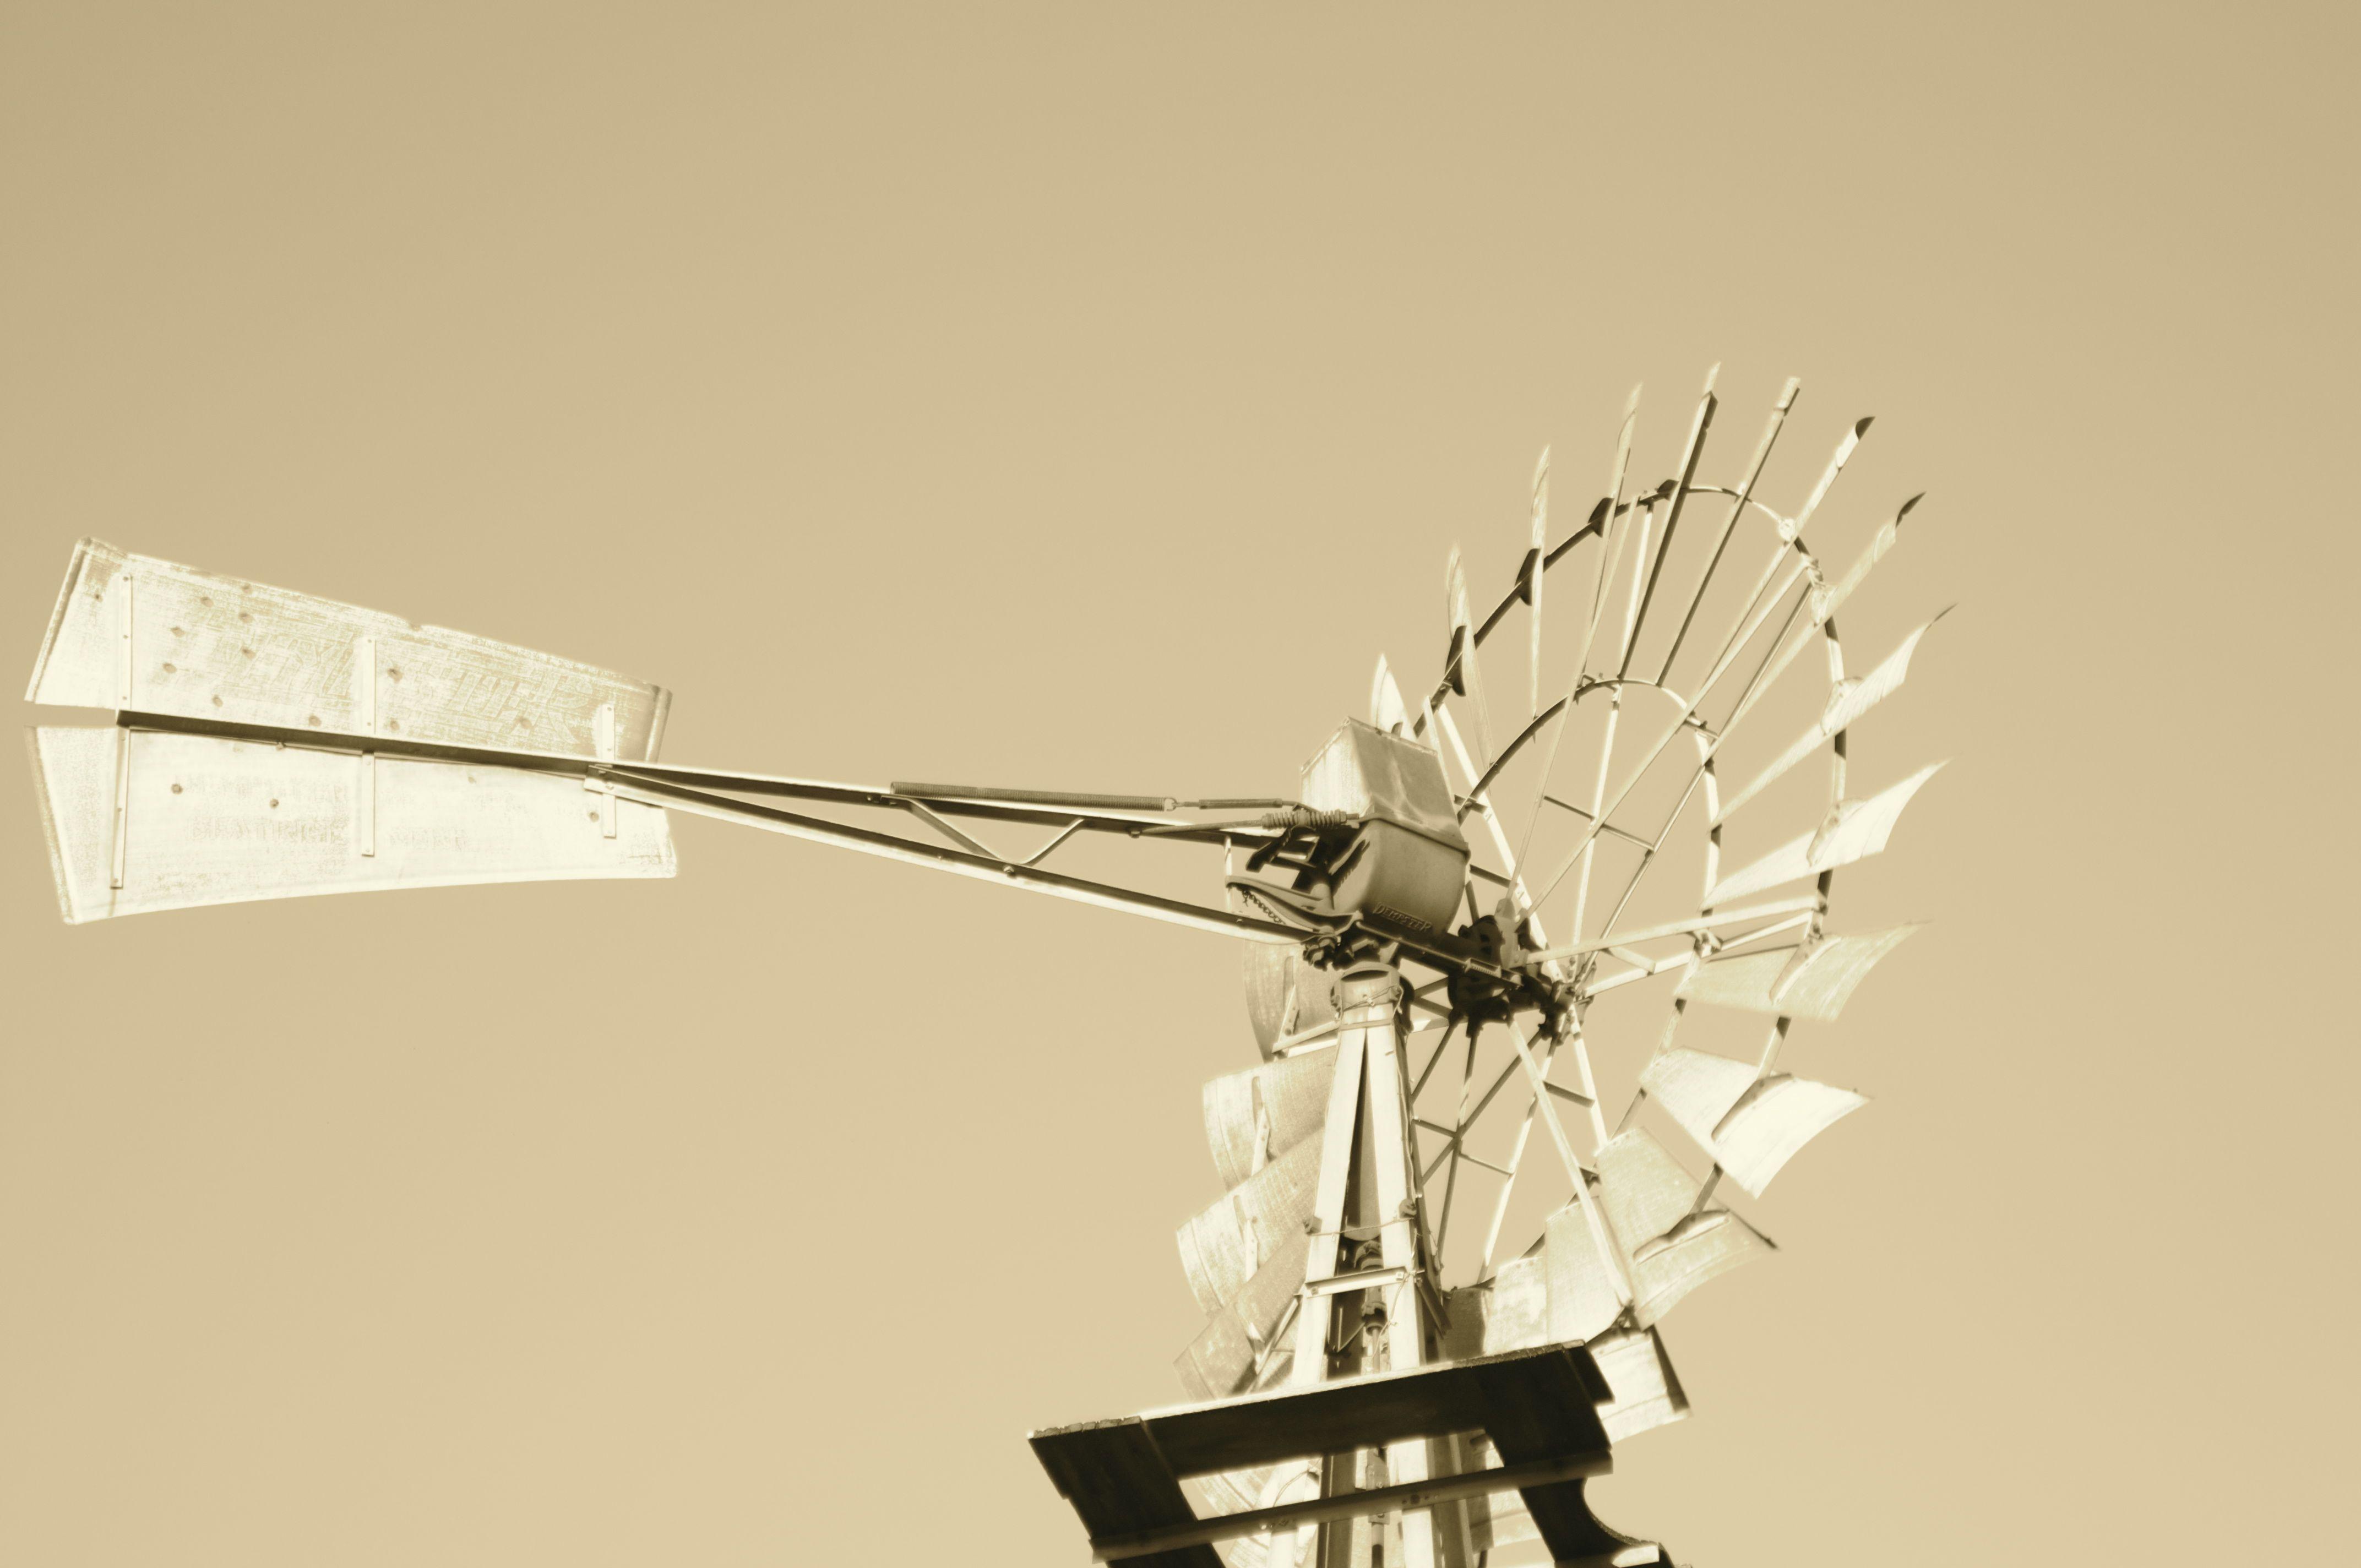 Grüne gruene windmill suanna davis s site